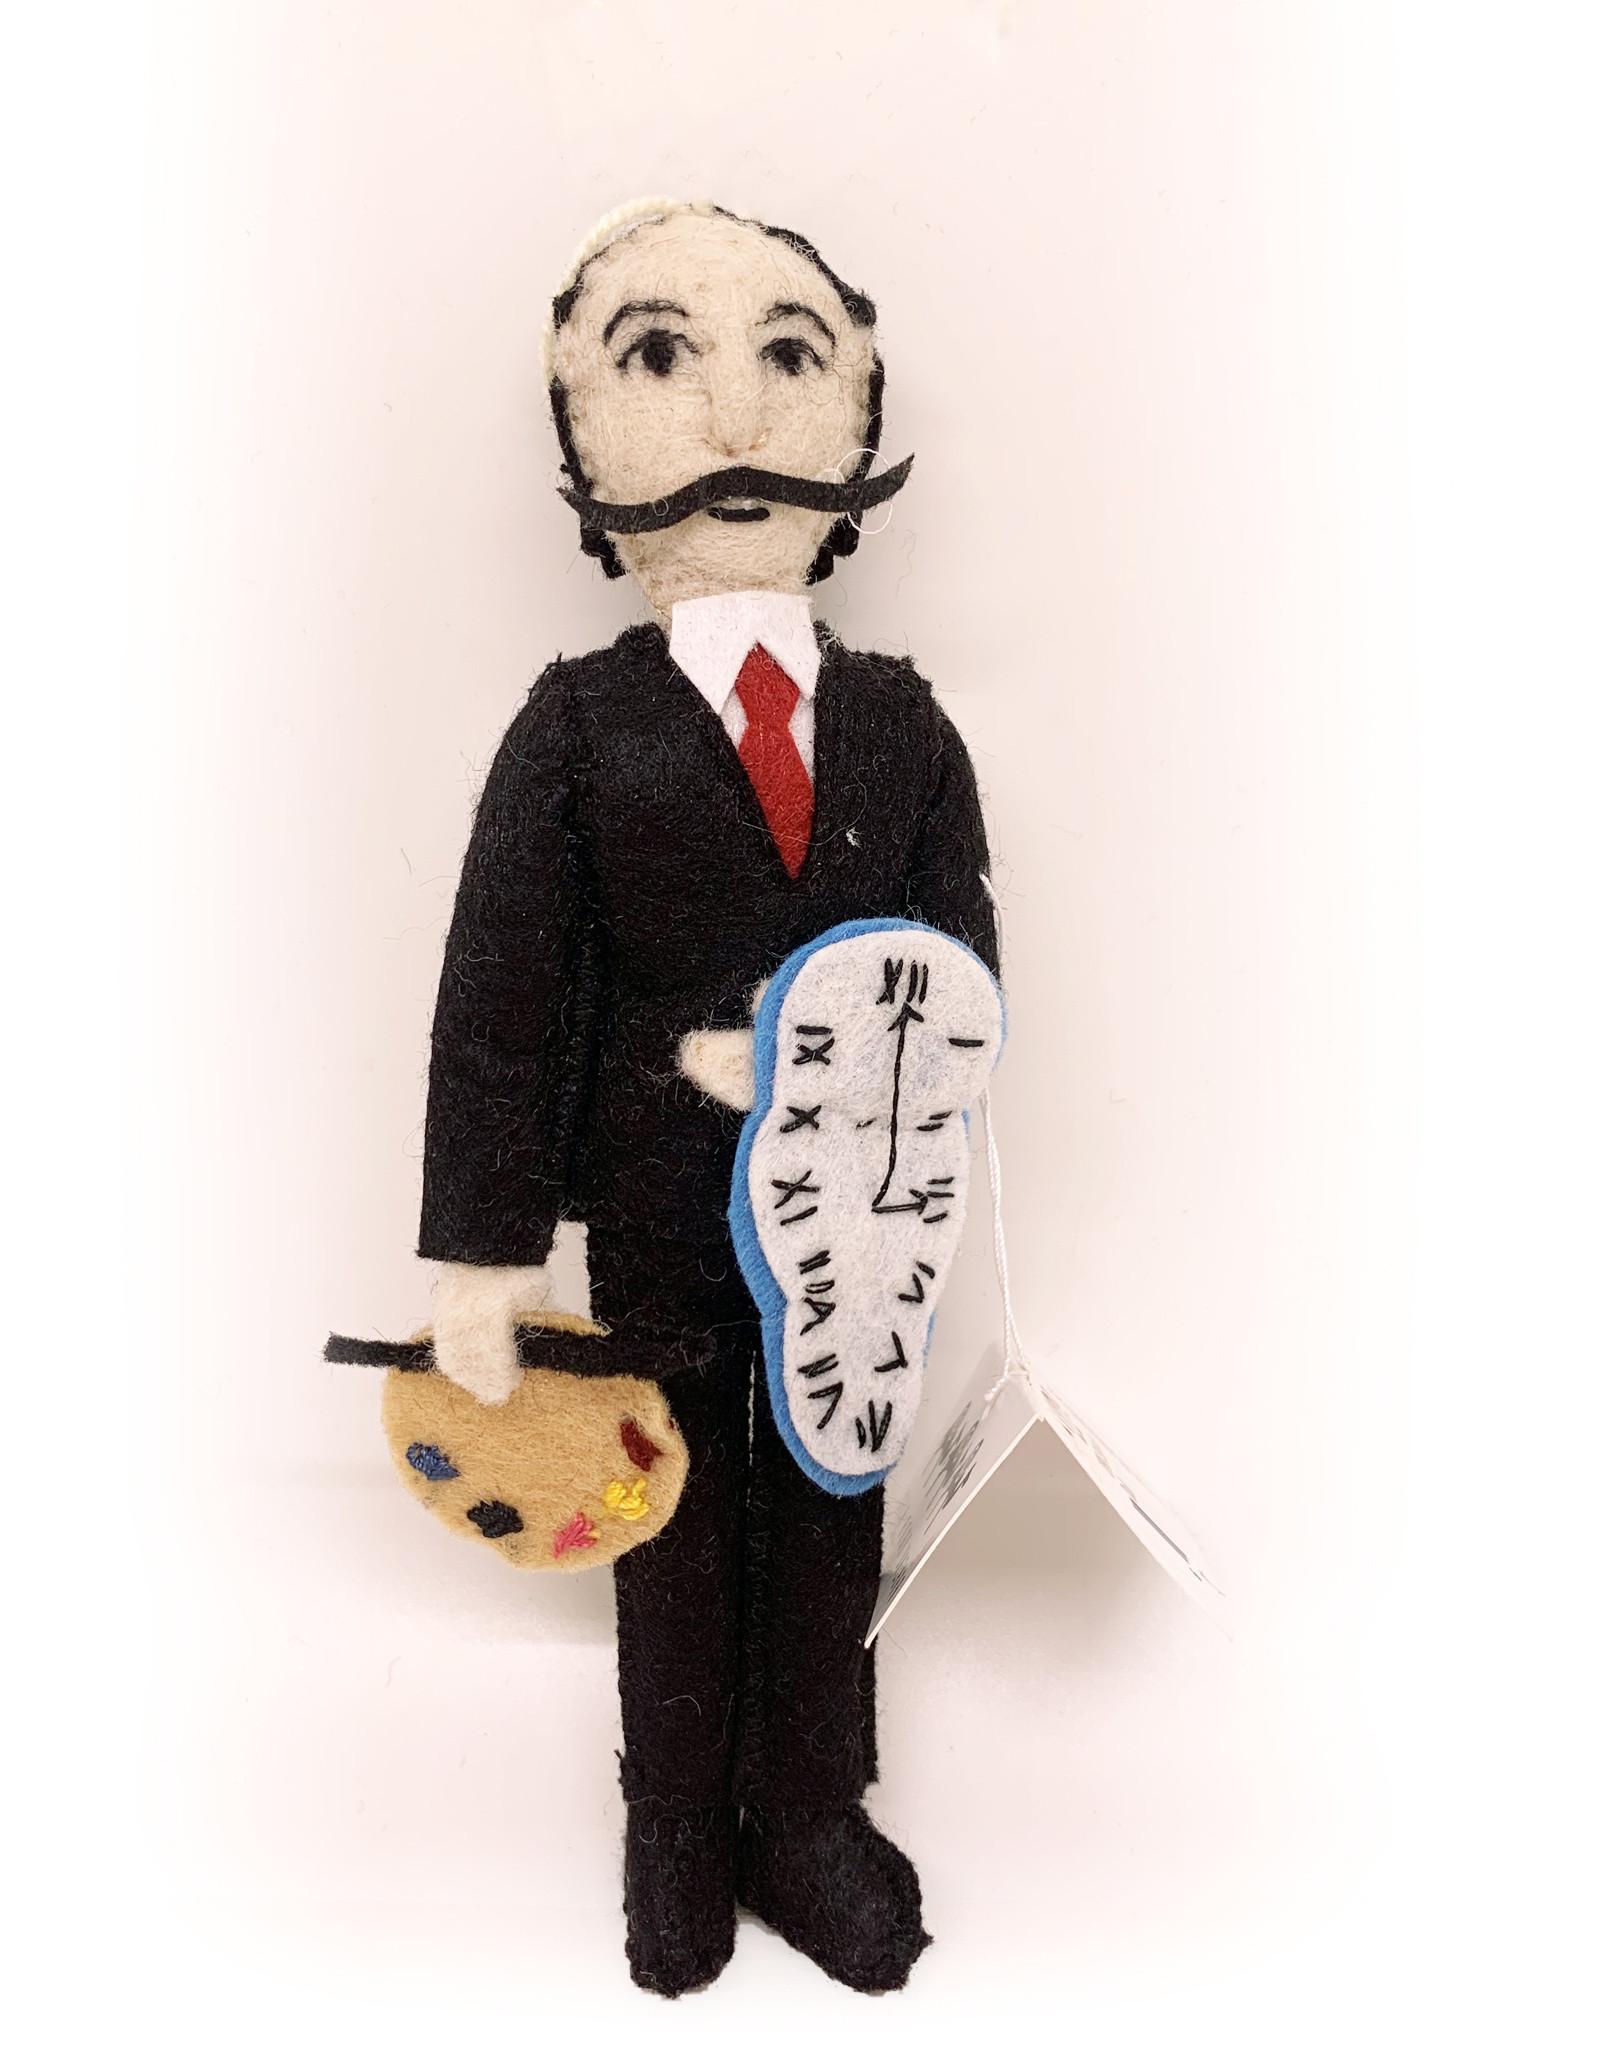 Felt Salvador Dali Doll